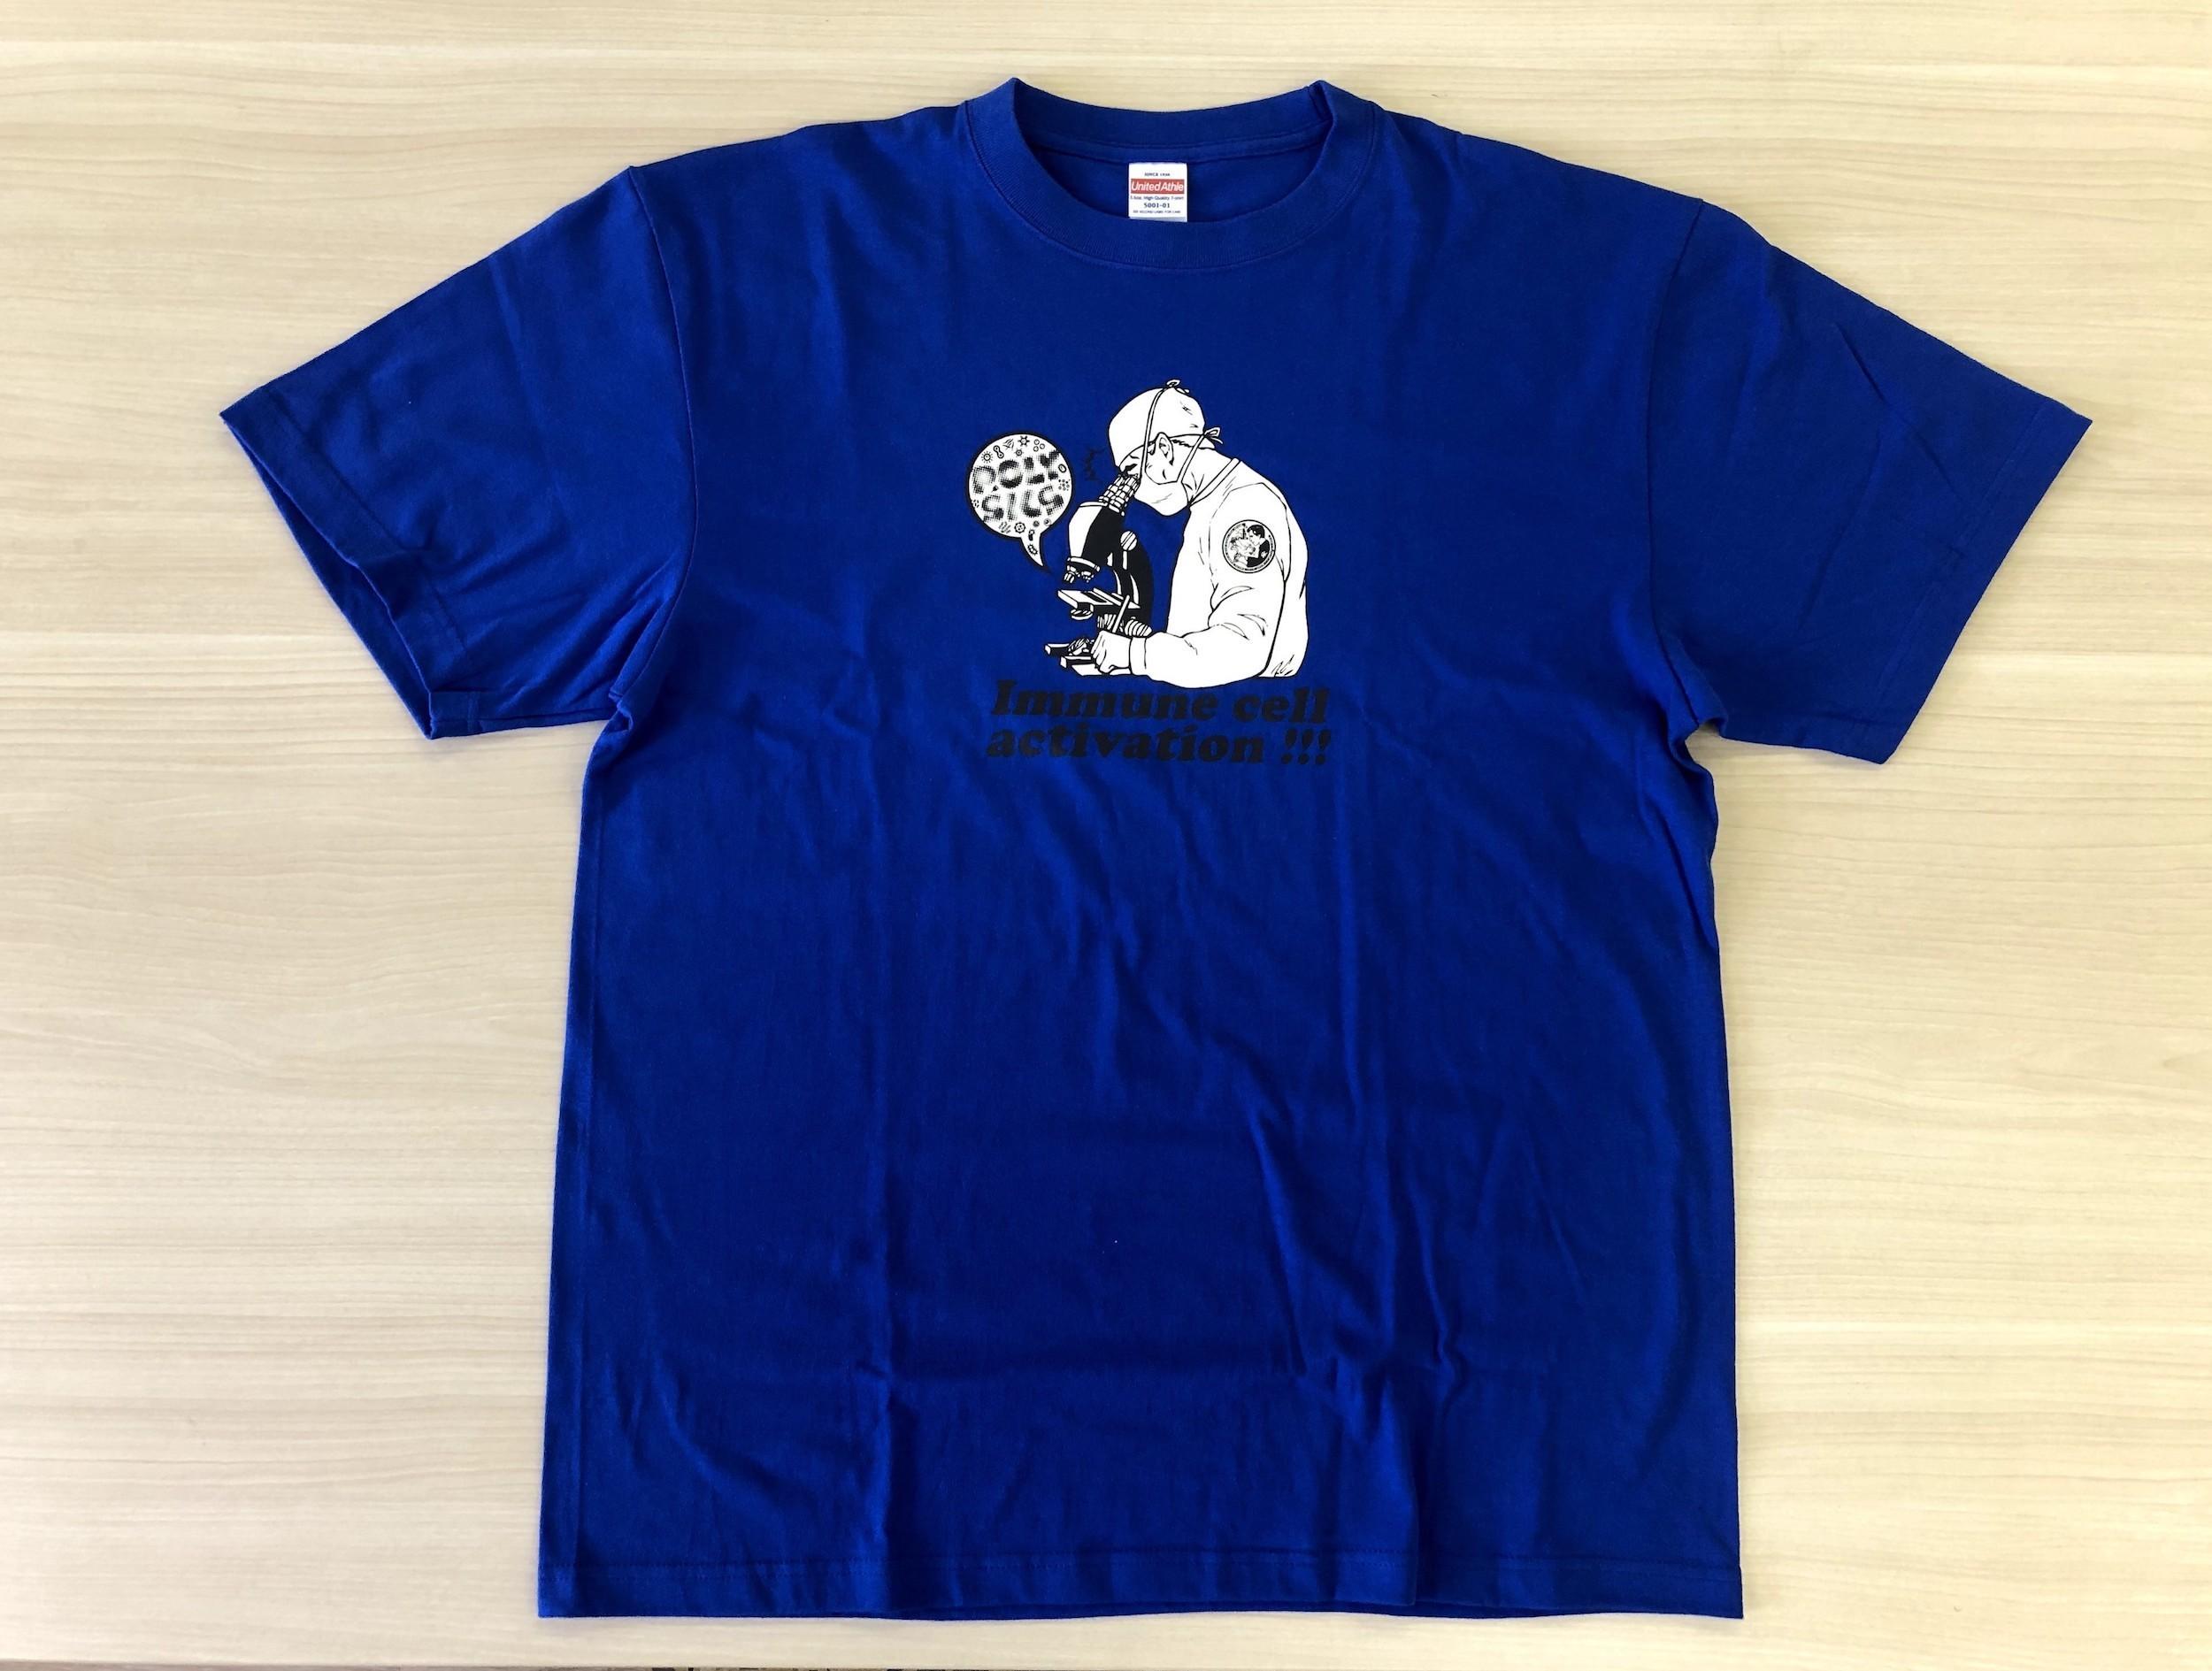 免疫細胞活性化Tシャツ(ロイヤルブルー)